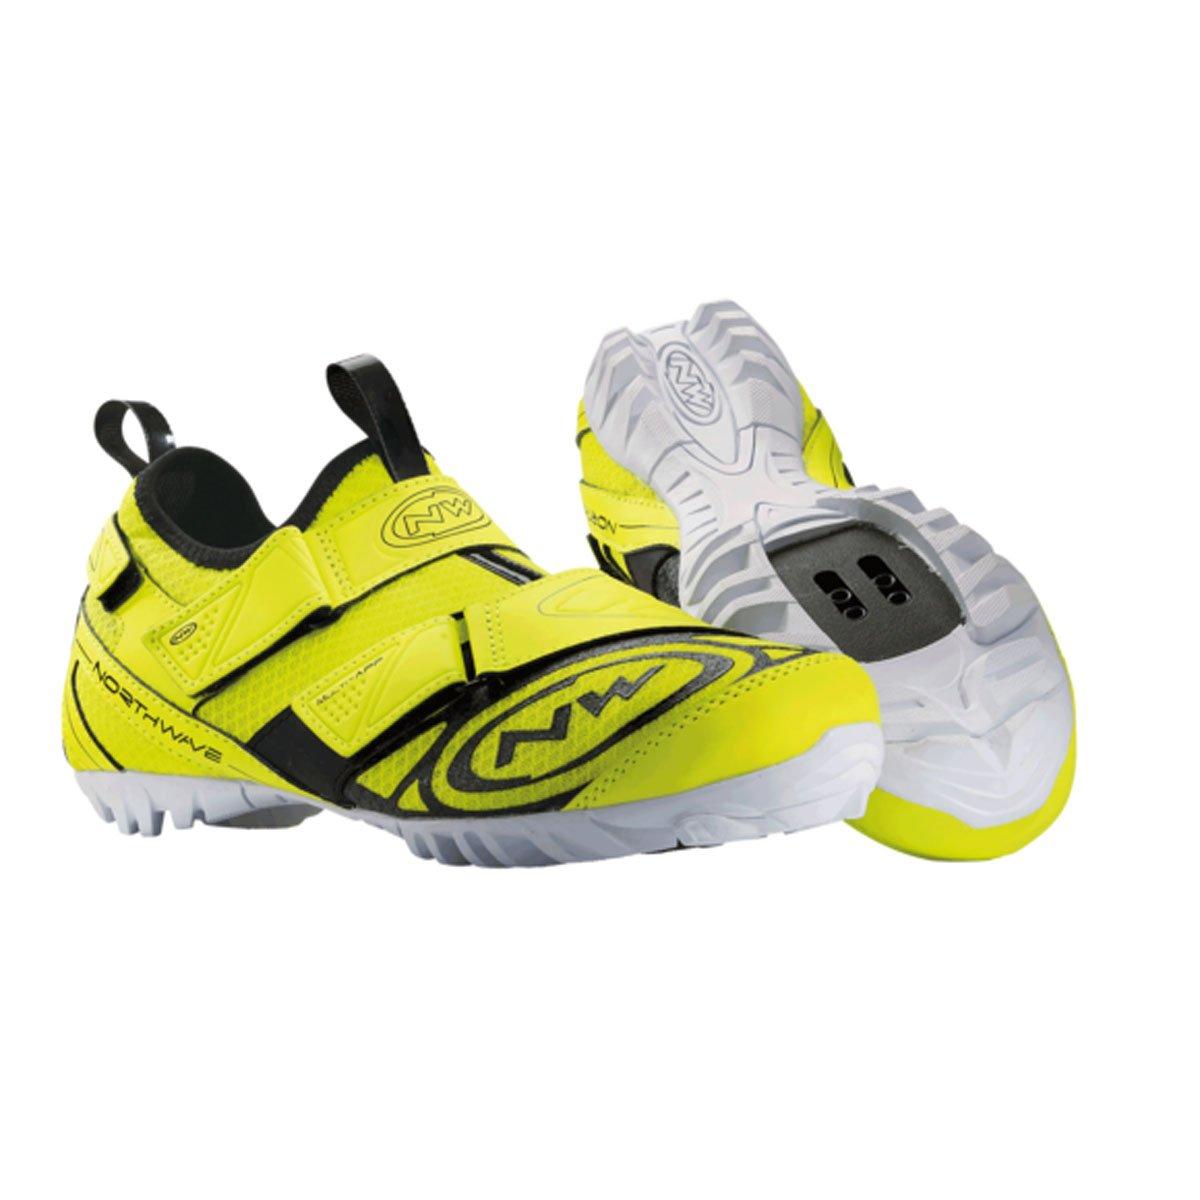 amarillo harina de Northwave MULTI APP zapatos de bicicleta de monta/ña